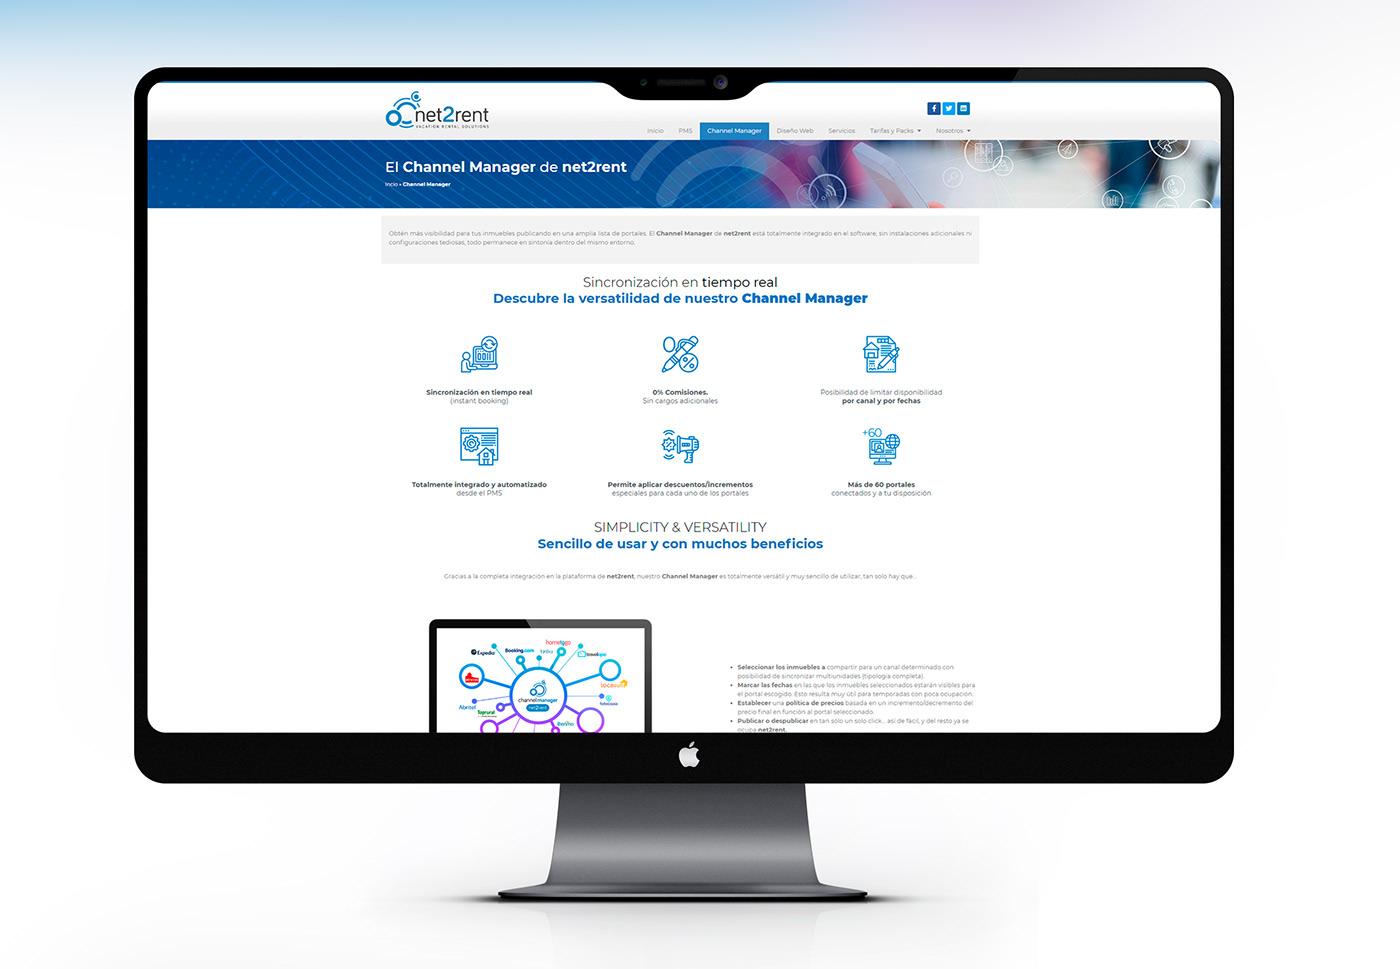 Image may contain: computer, screenshot and monitor